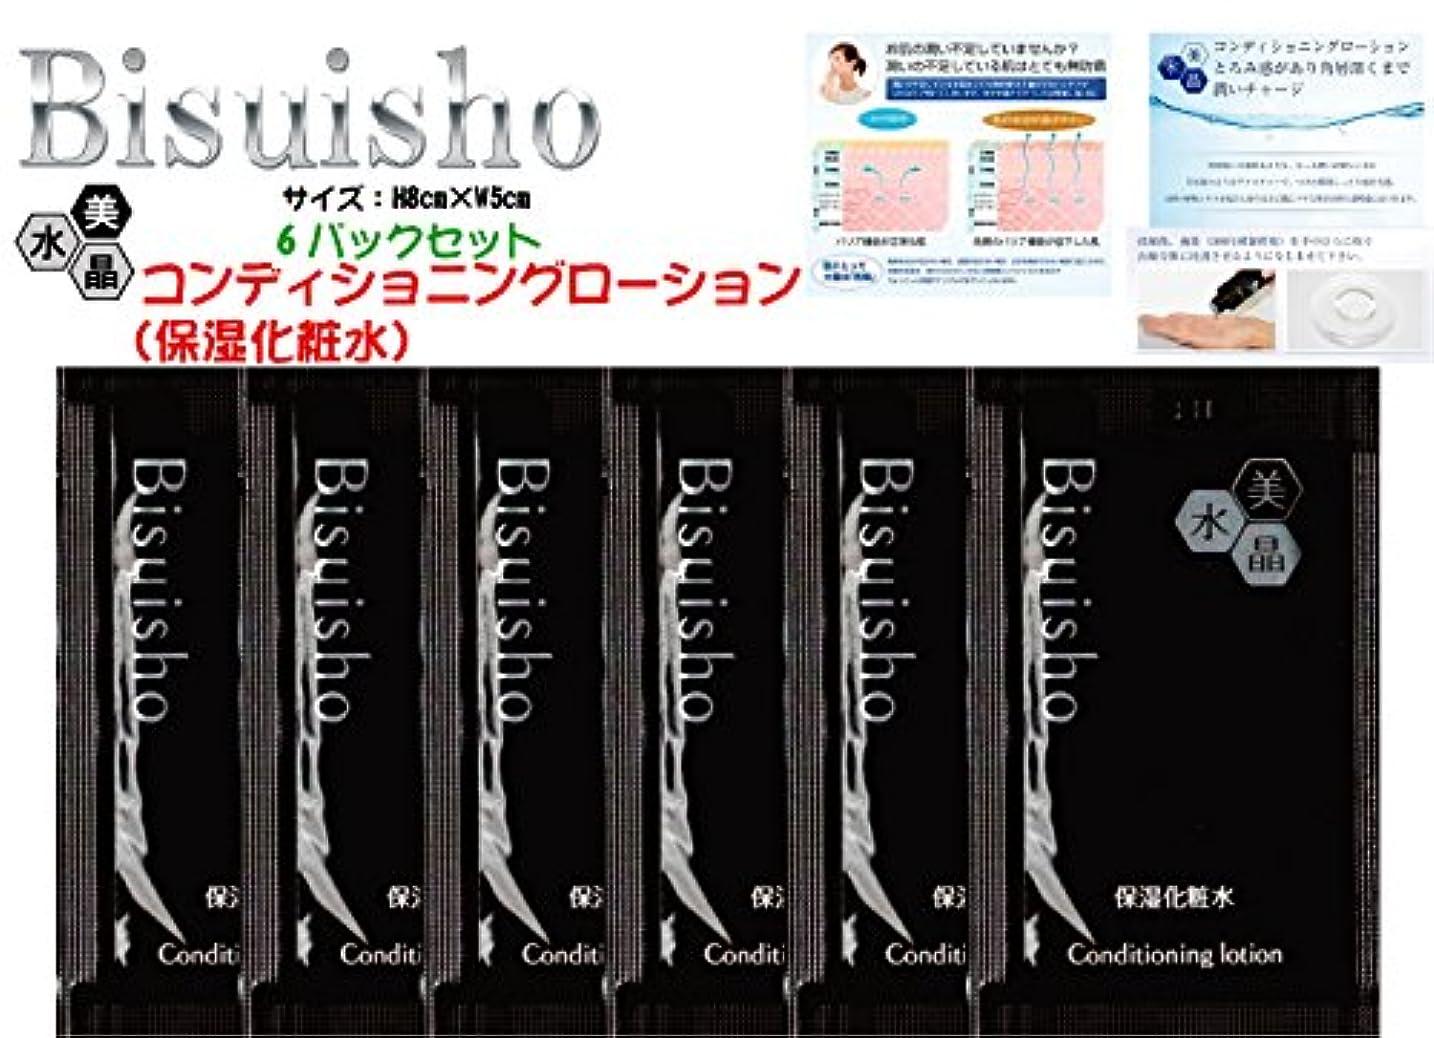 会員空港変更可能美水晶 6袋×2??? 保湿化粧水 コンディショニングローション